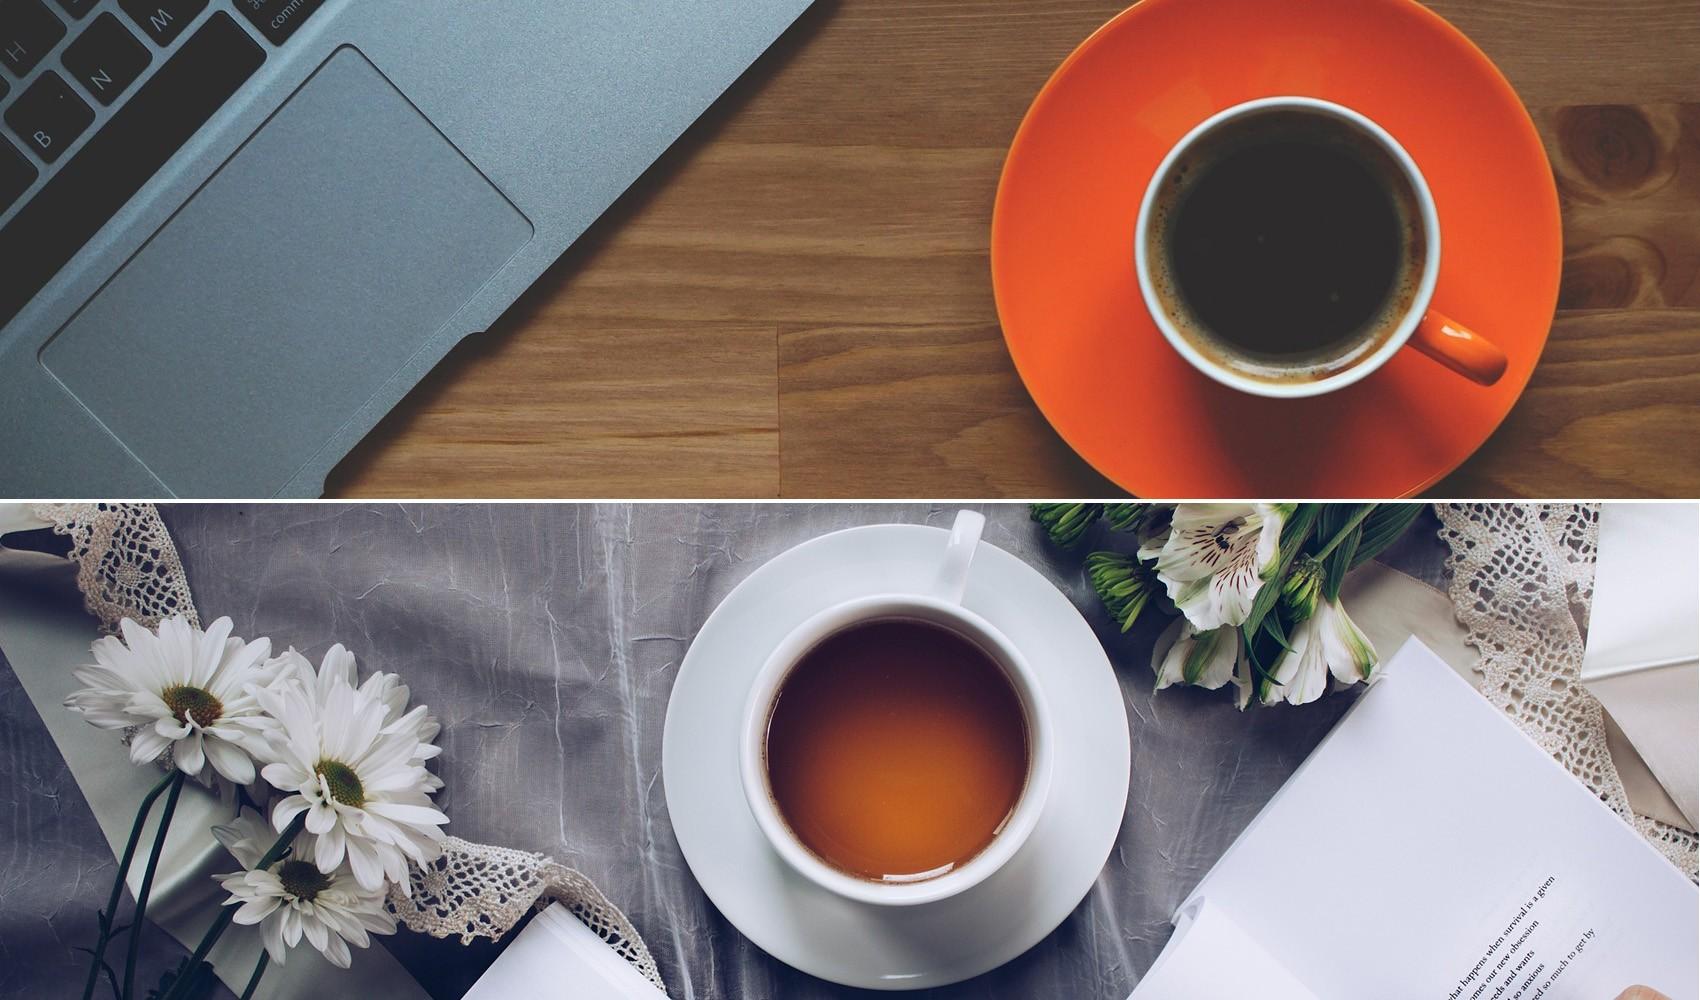 Café ou chá? Escolha pode estar relacionada com seus genes, diz estudo